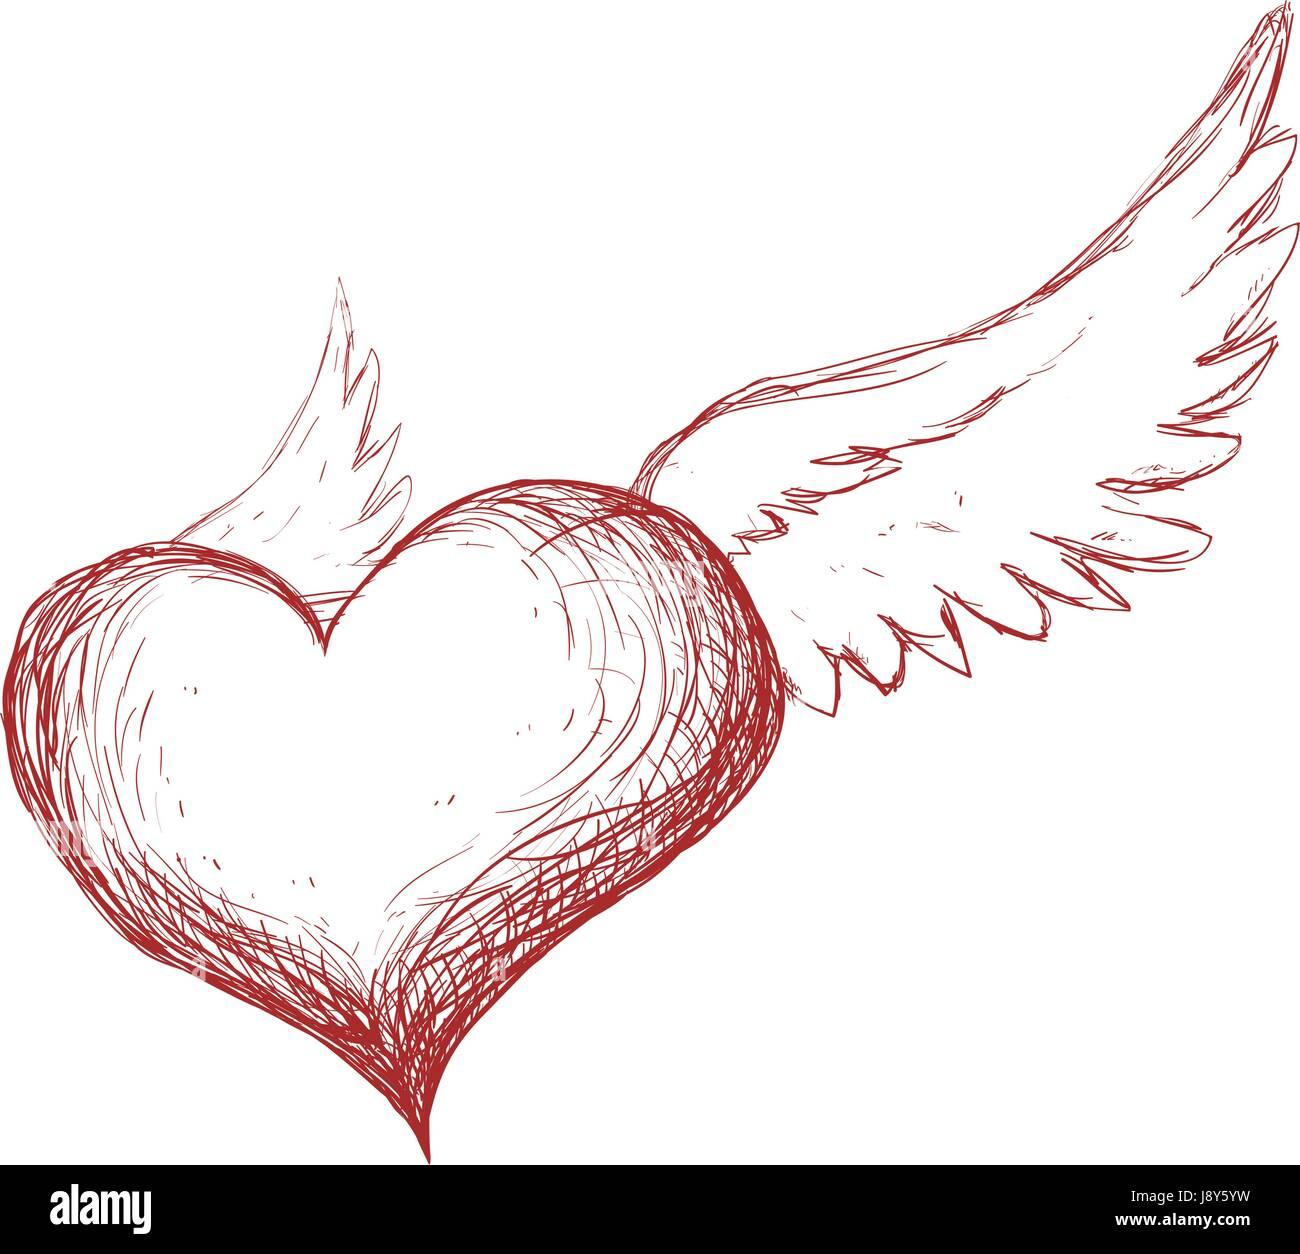 Corazón Con Alas Dibujar A Mano Ilustración Del Vector Imagen